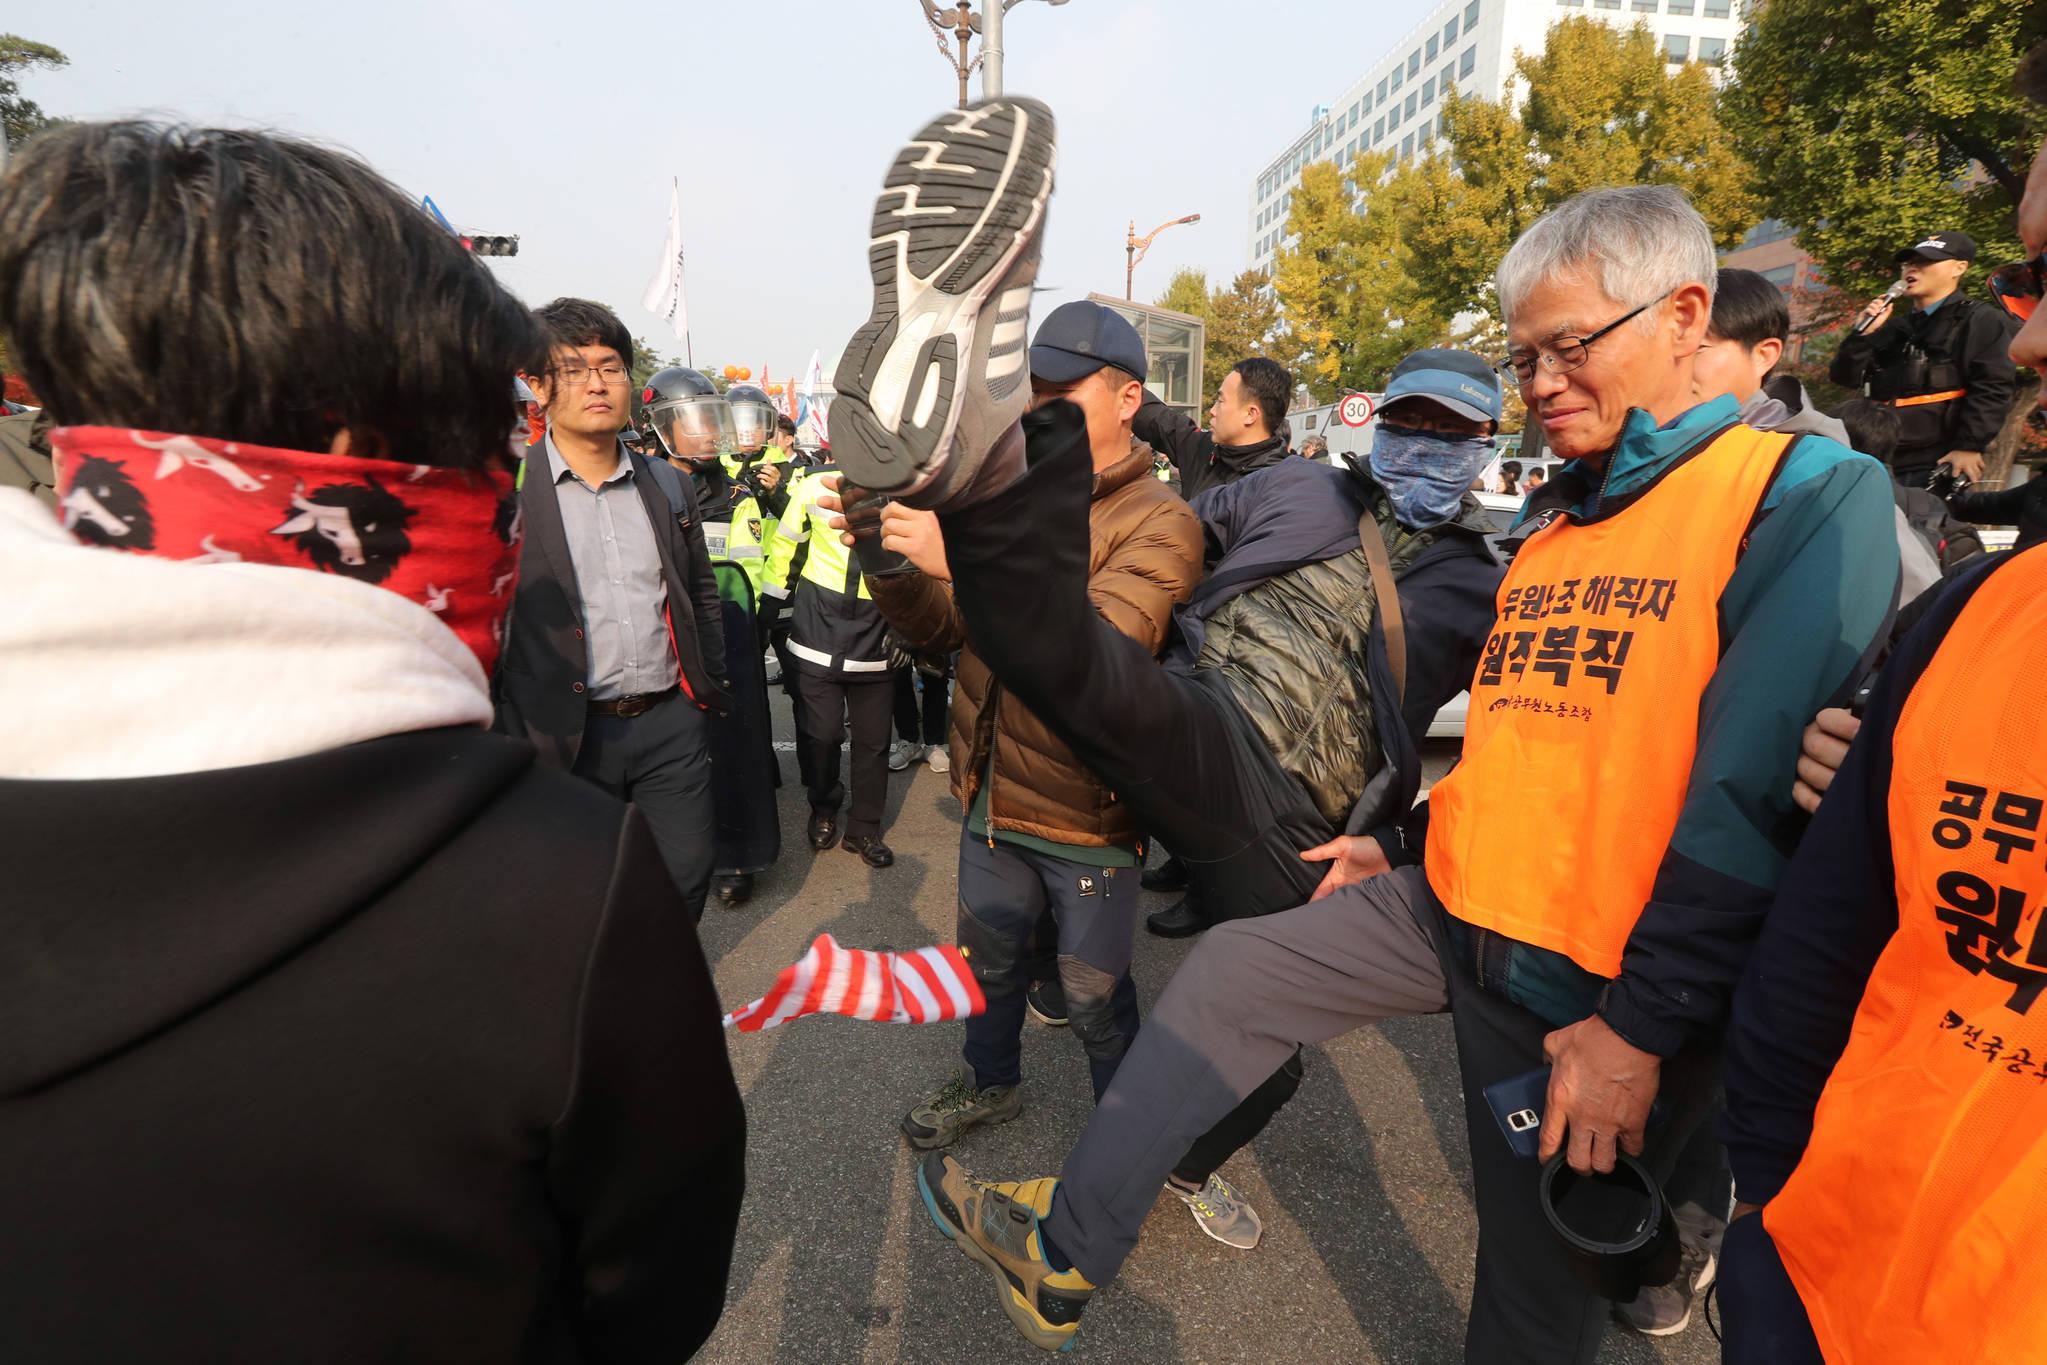 트럼프 방한 찬성집회 참가자와 반대집회 참가자 사이에 몸싸움이 일어났다. 왼쪽 사람이 먼저 발길질을 하자 같이 발길질을 하고 있다. 신인섭 기자